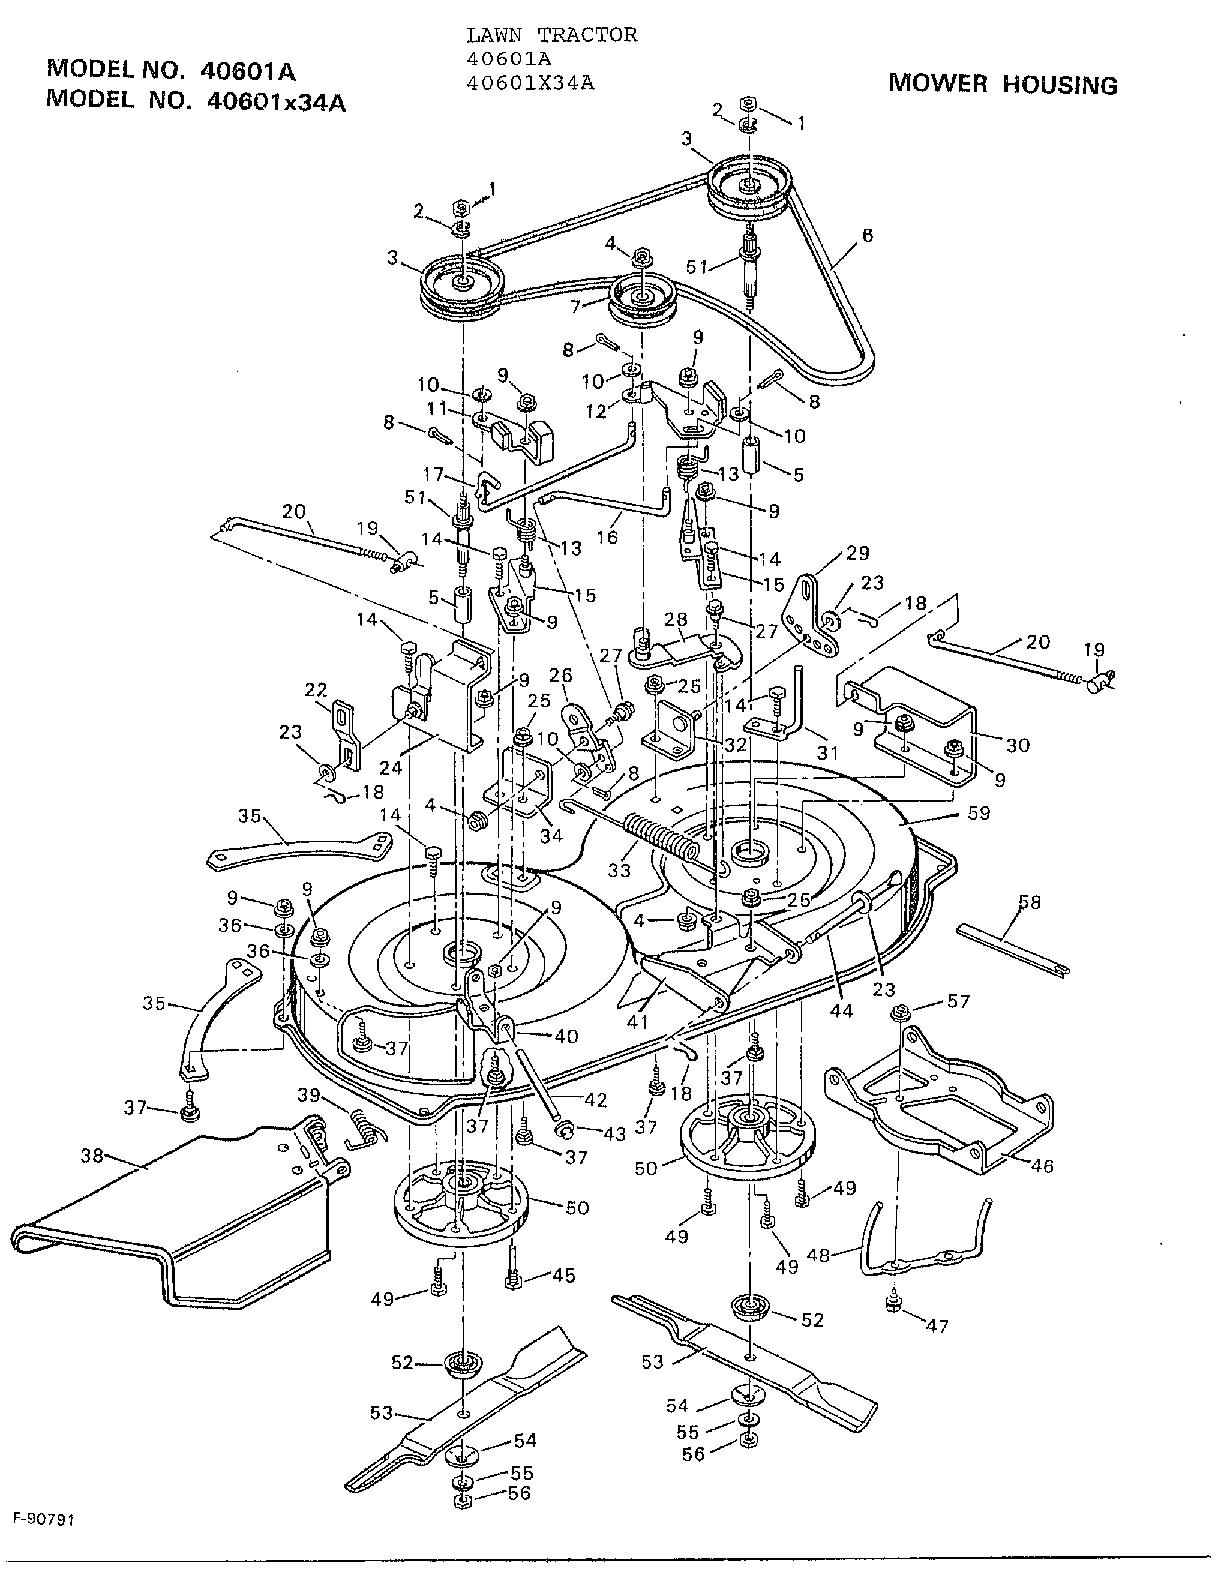 Murray Motion Drive Belt Diagram Murray Lawn Mower Diagram